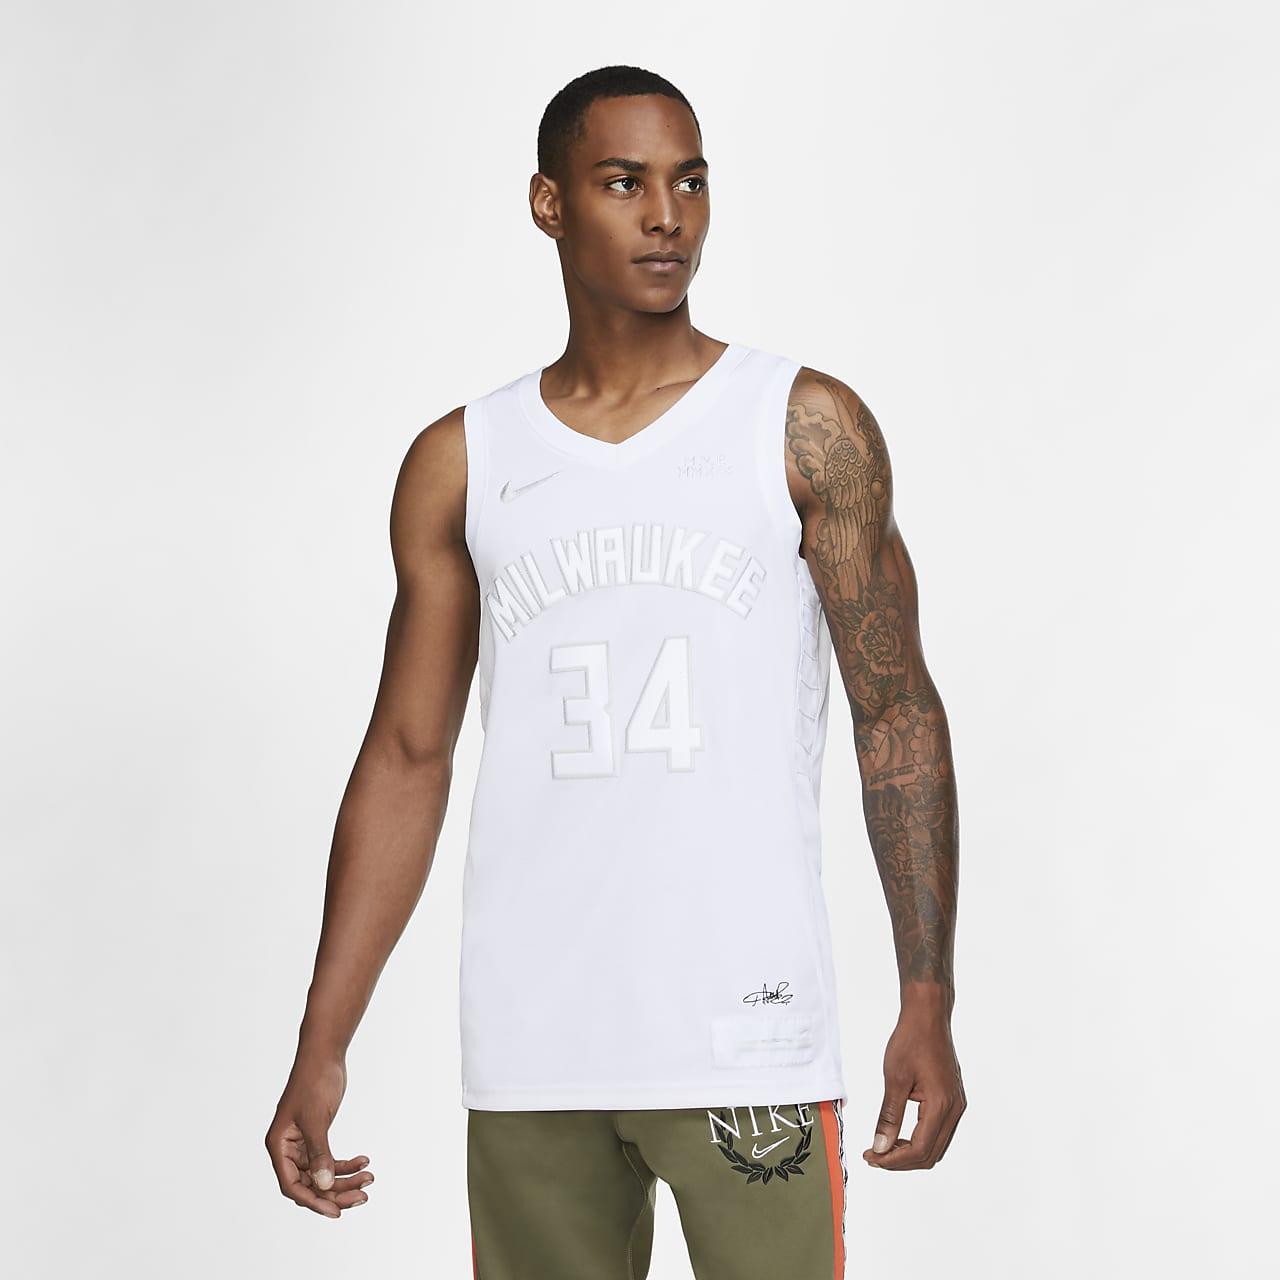 เสื้อแข่ง Nike NBA ผู้ชาย Giannis Antetokounmpo Bucks MVP